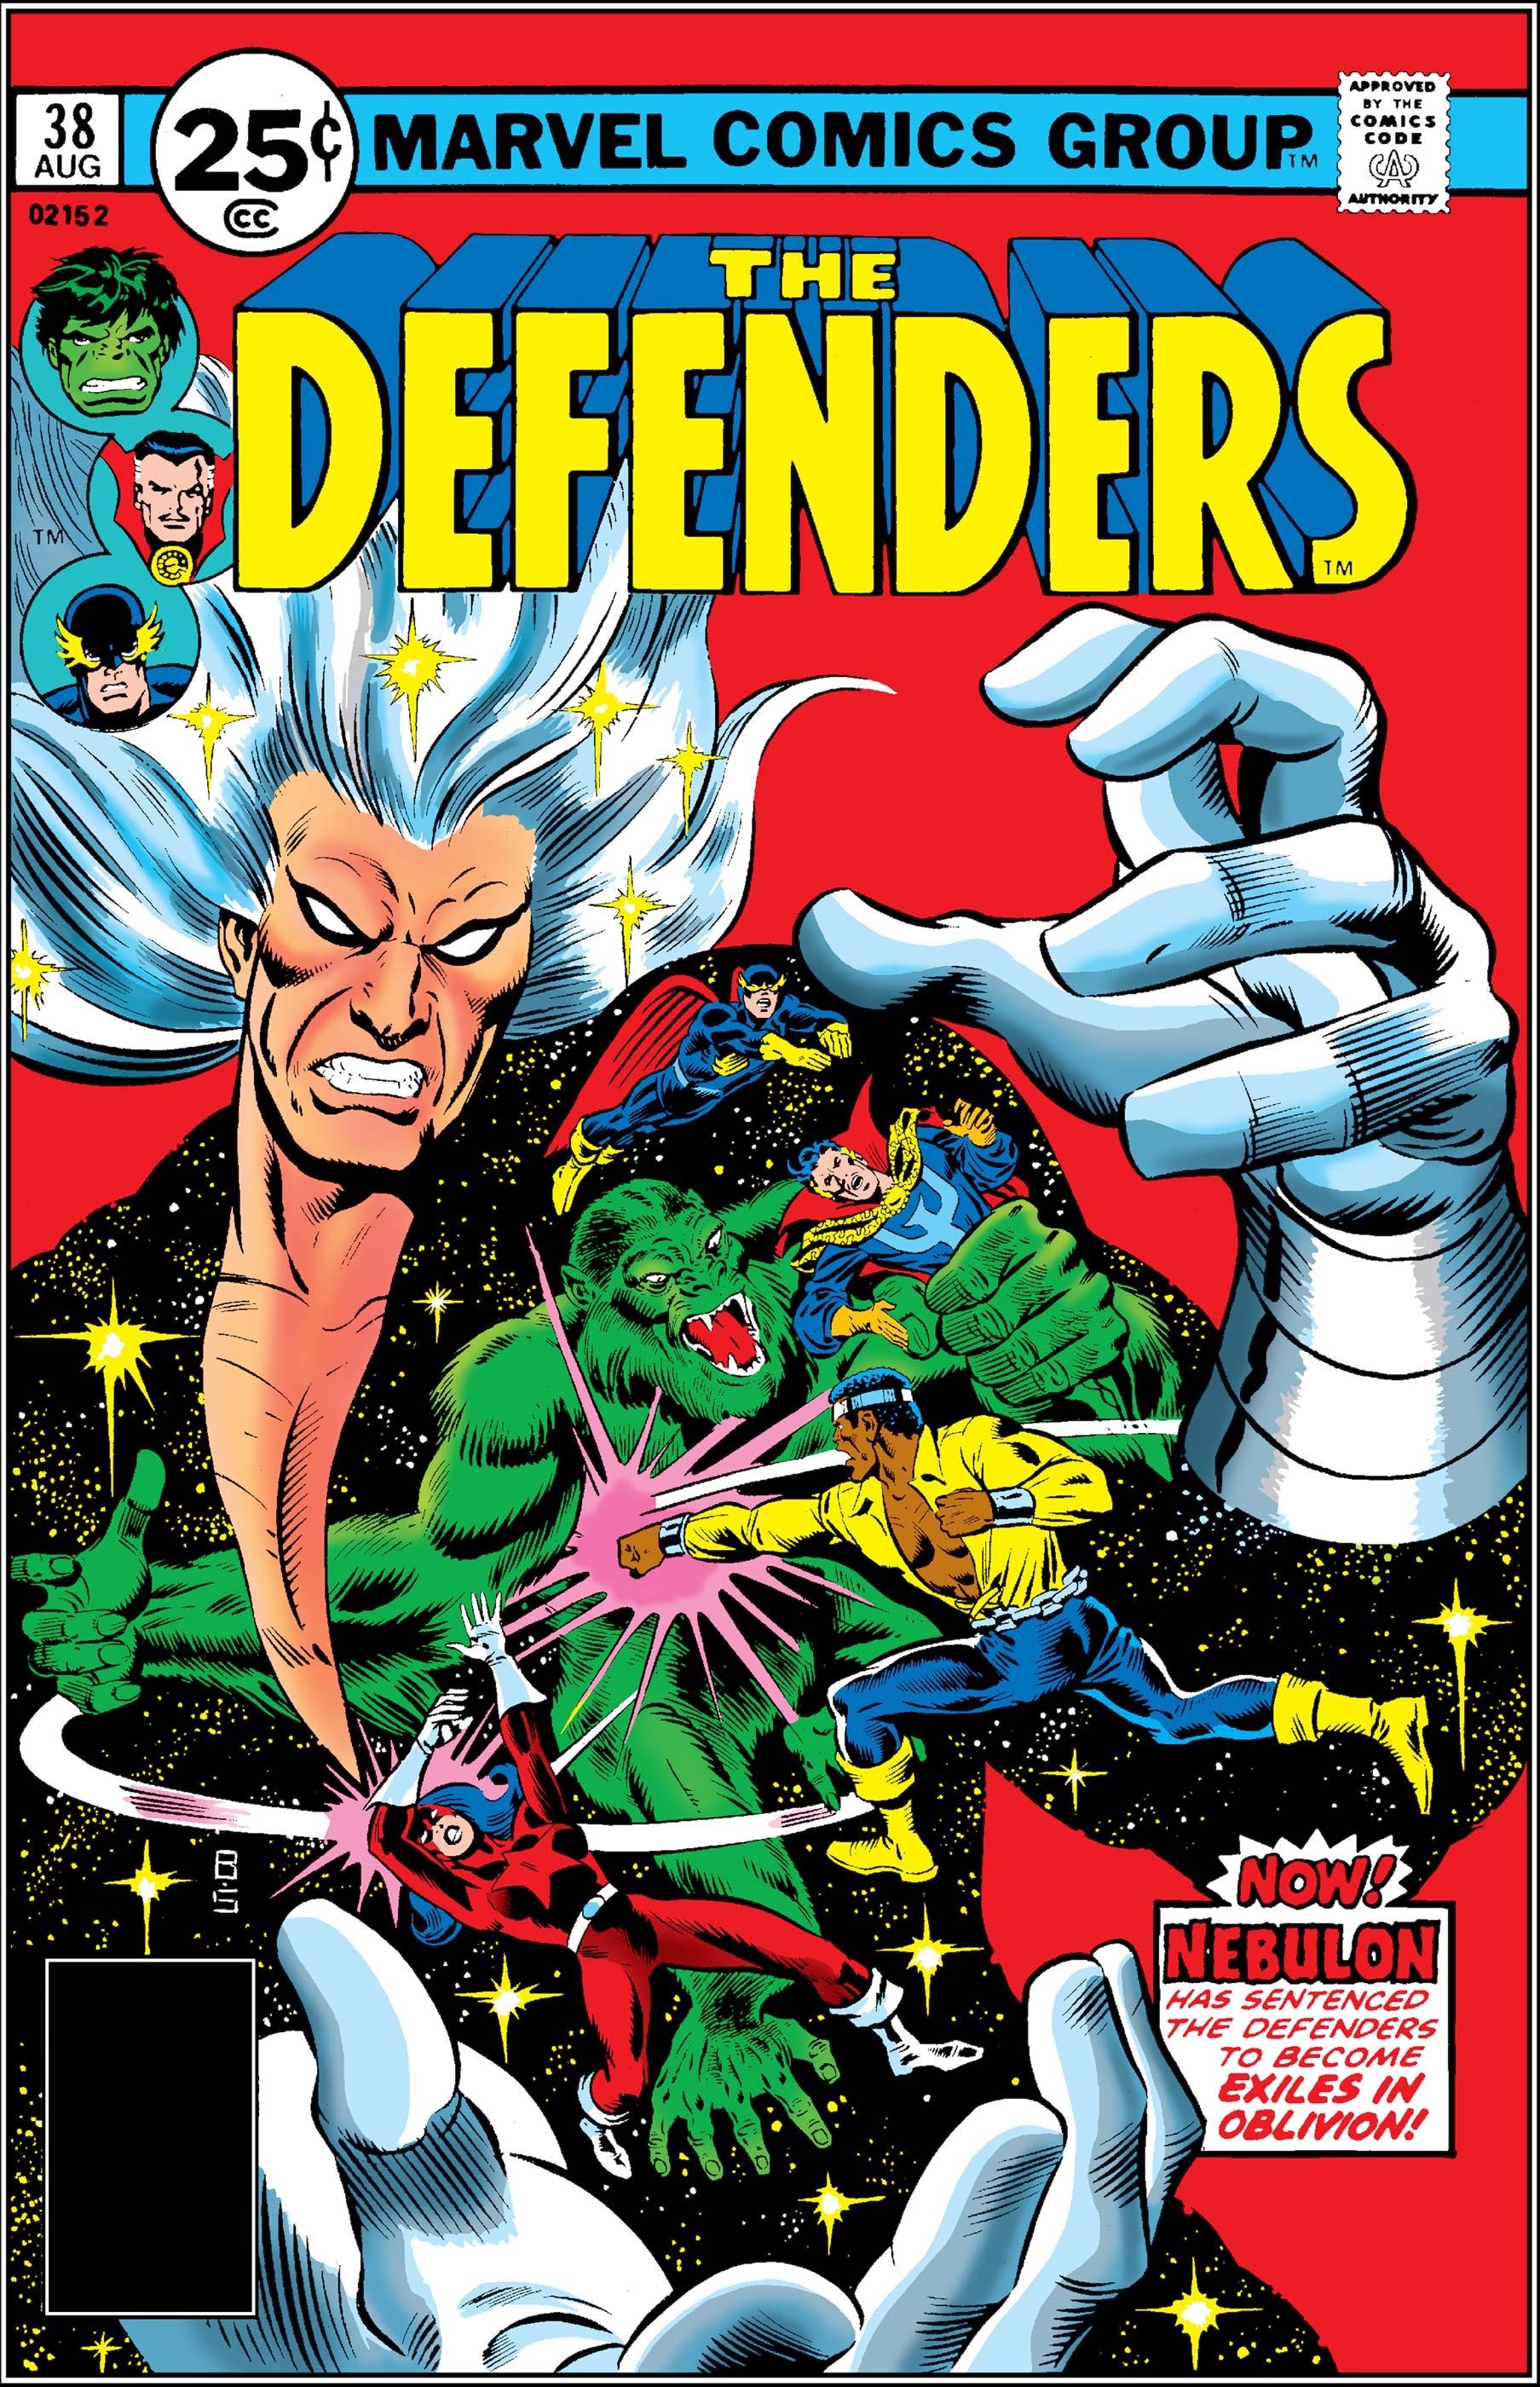 Defenders (1972) #38